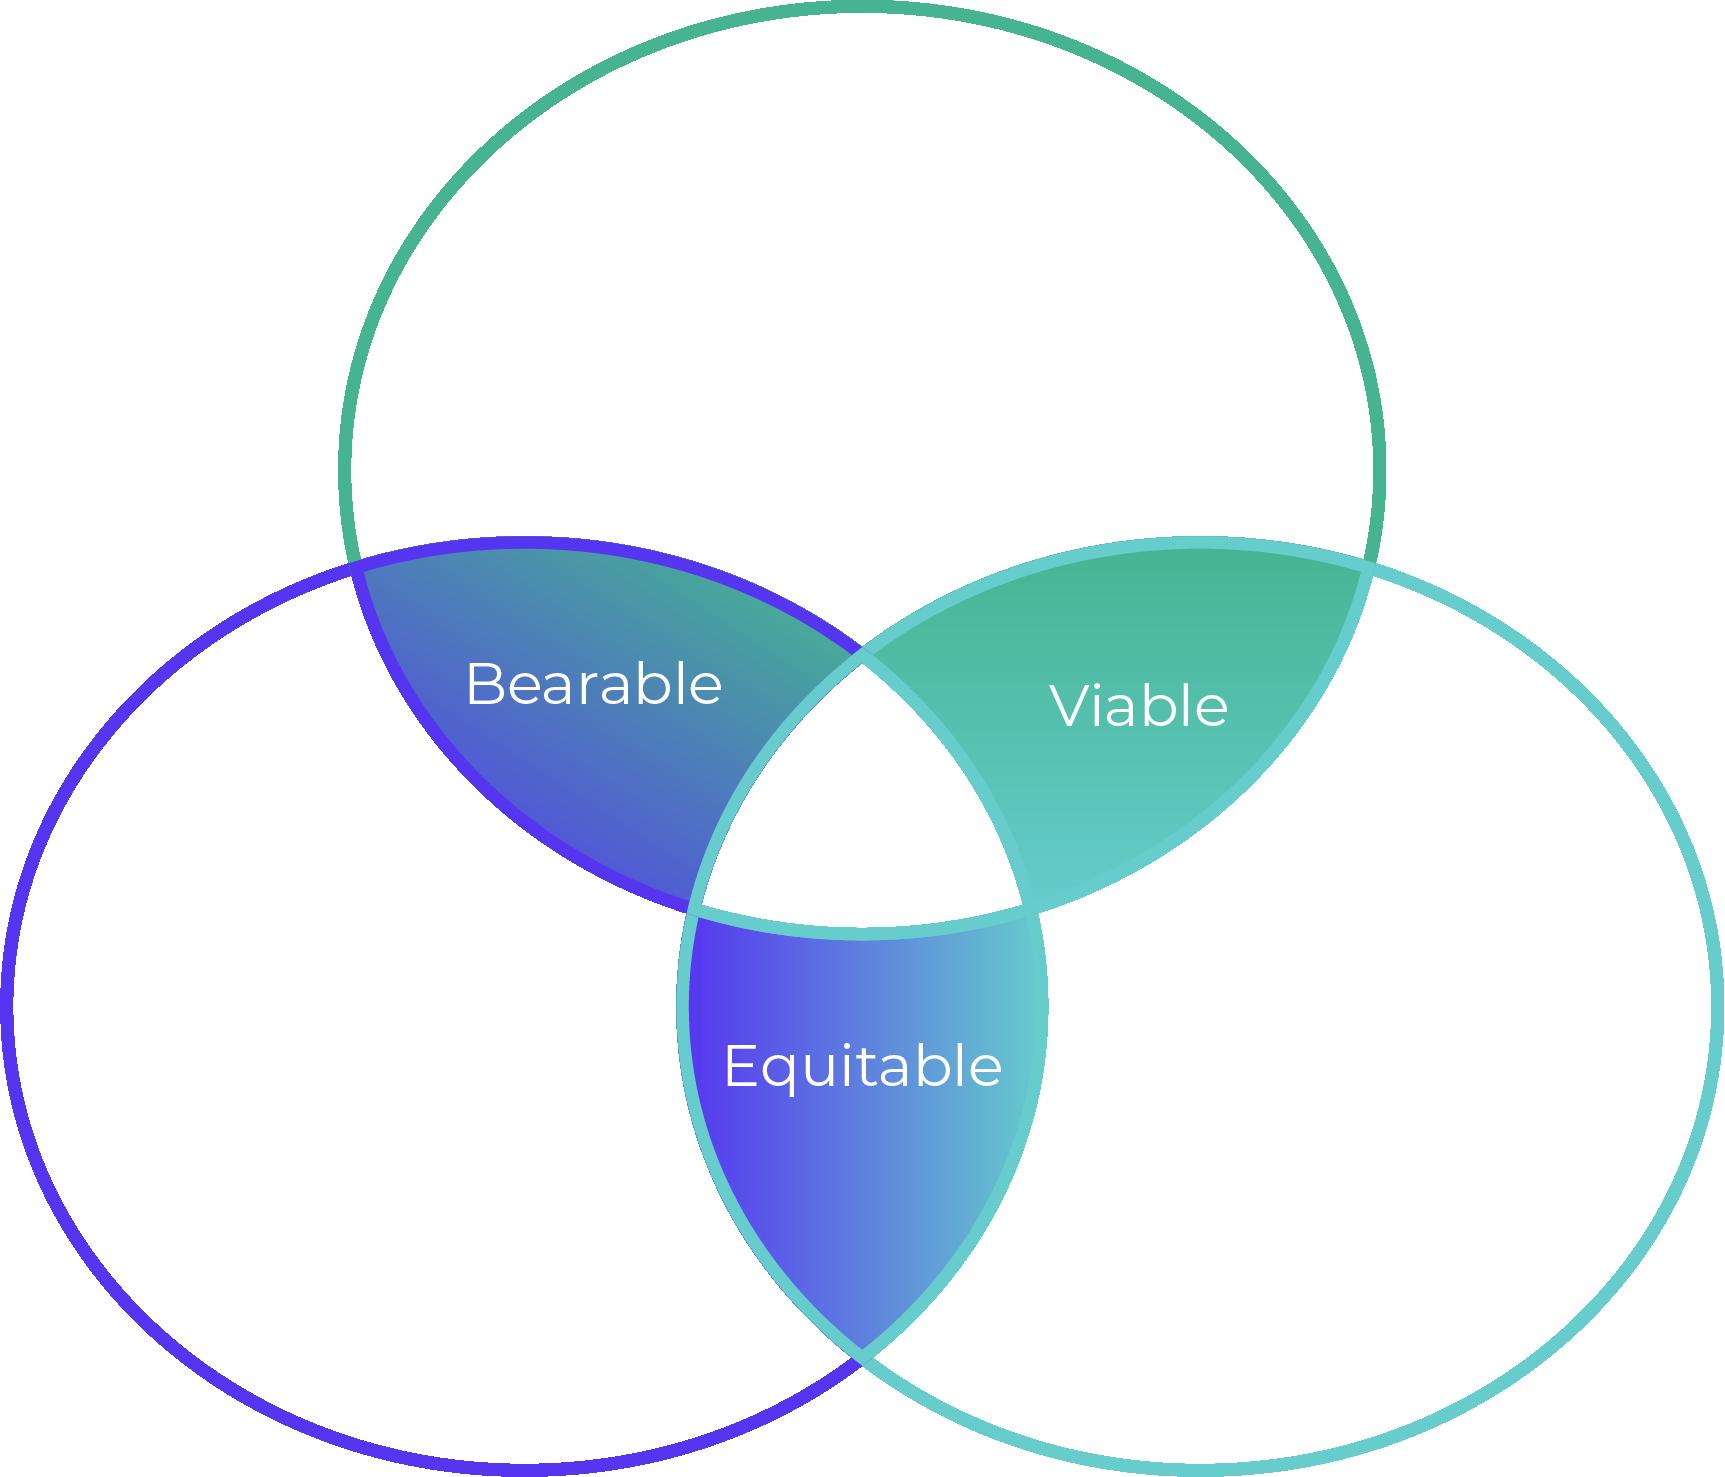 Caractéristique d'un développement durable avec les pilliers environnemental, social et économique